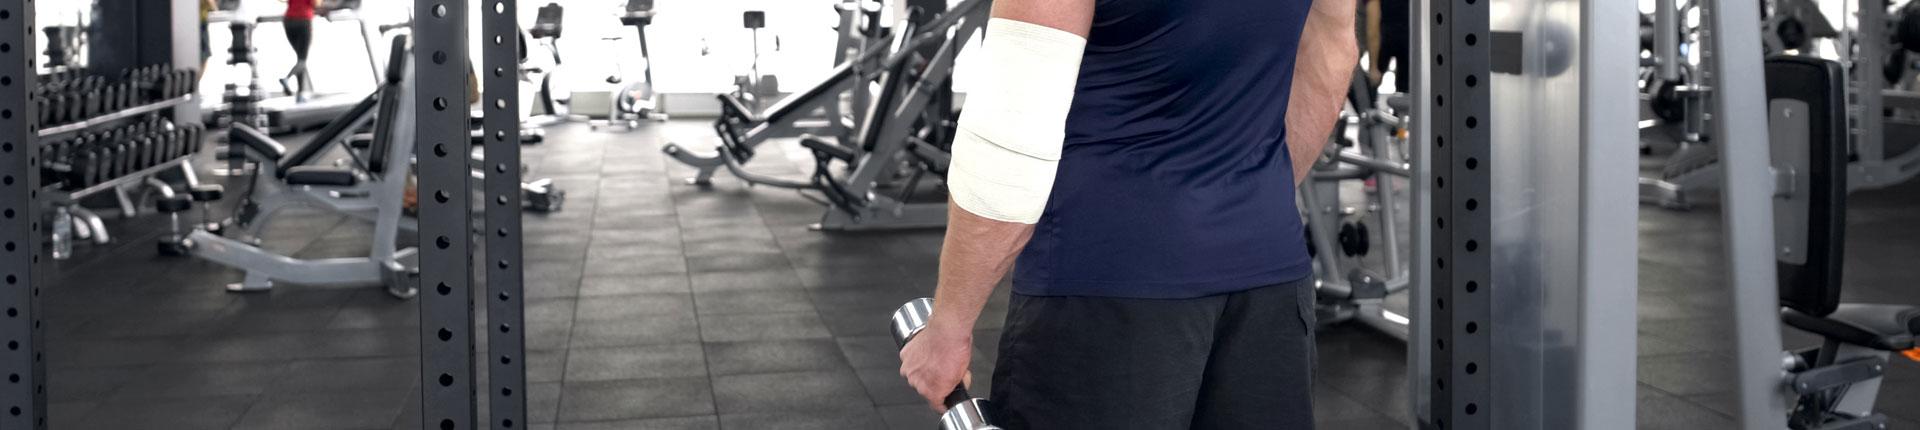 Ćwiczenie podczas kontuzji. Czy trening jednej strony ciała ma sens?